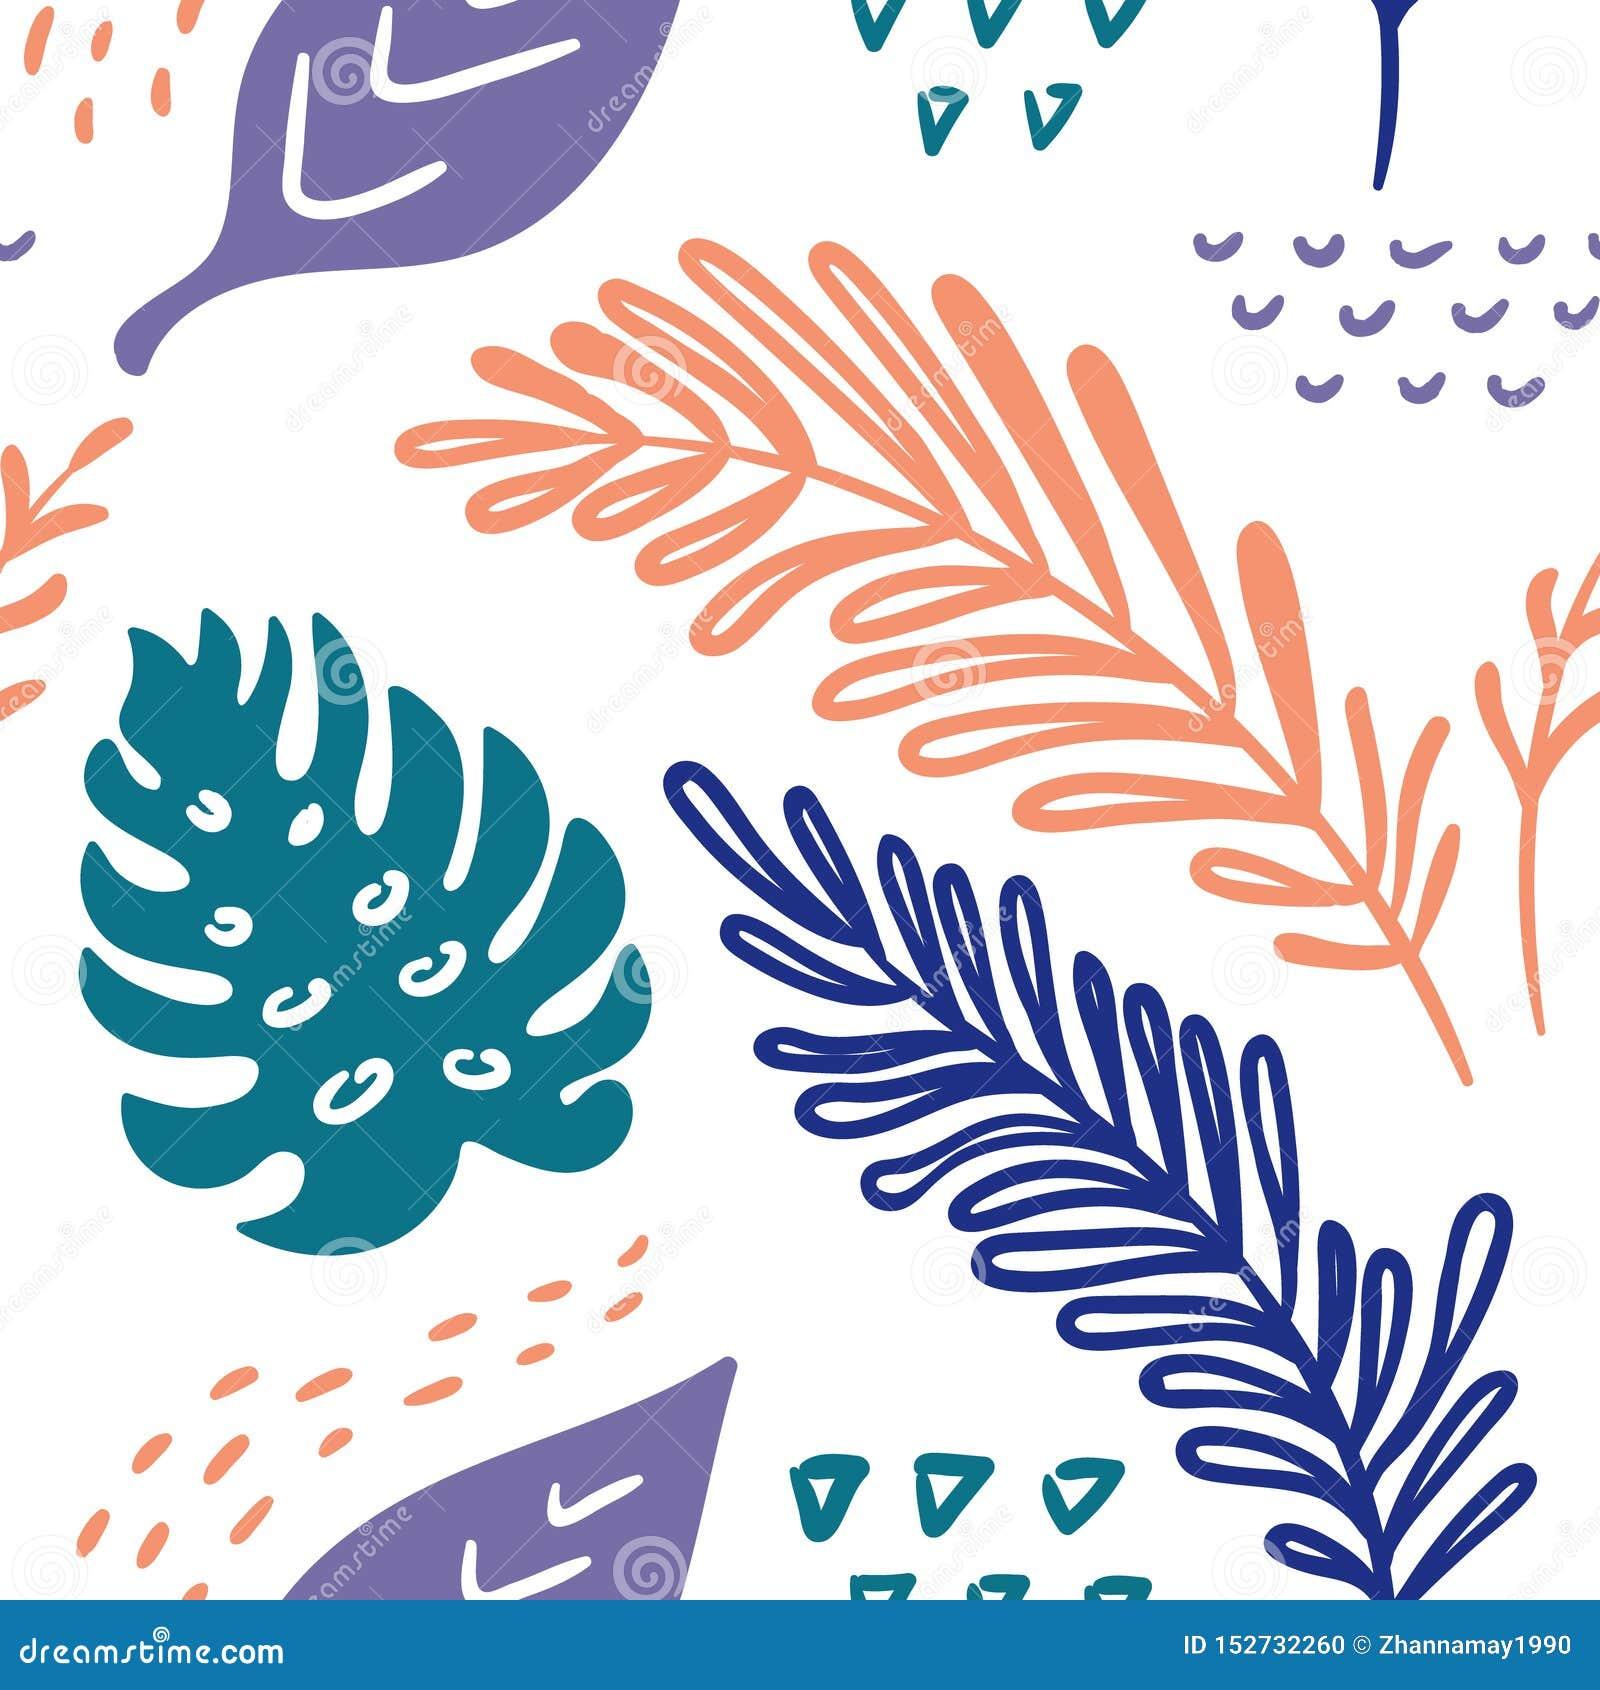 Naadloos vector hand-drawn abstract patroon met tropische bladeren in Skandinavische stijl